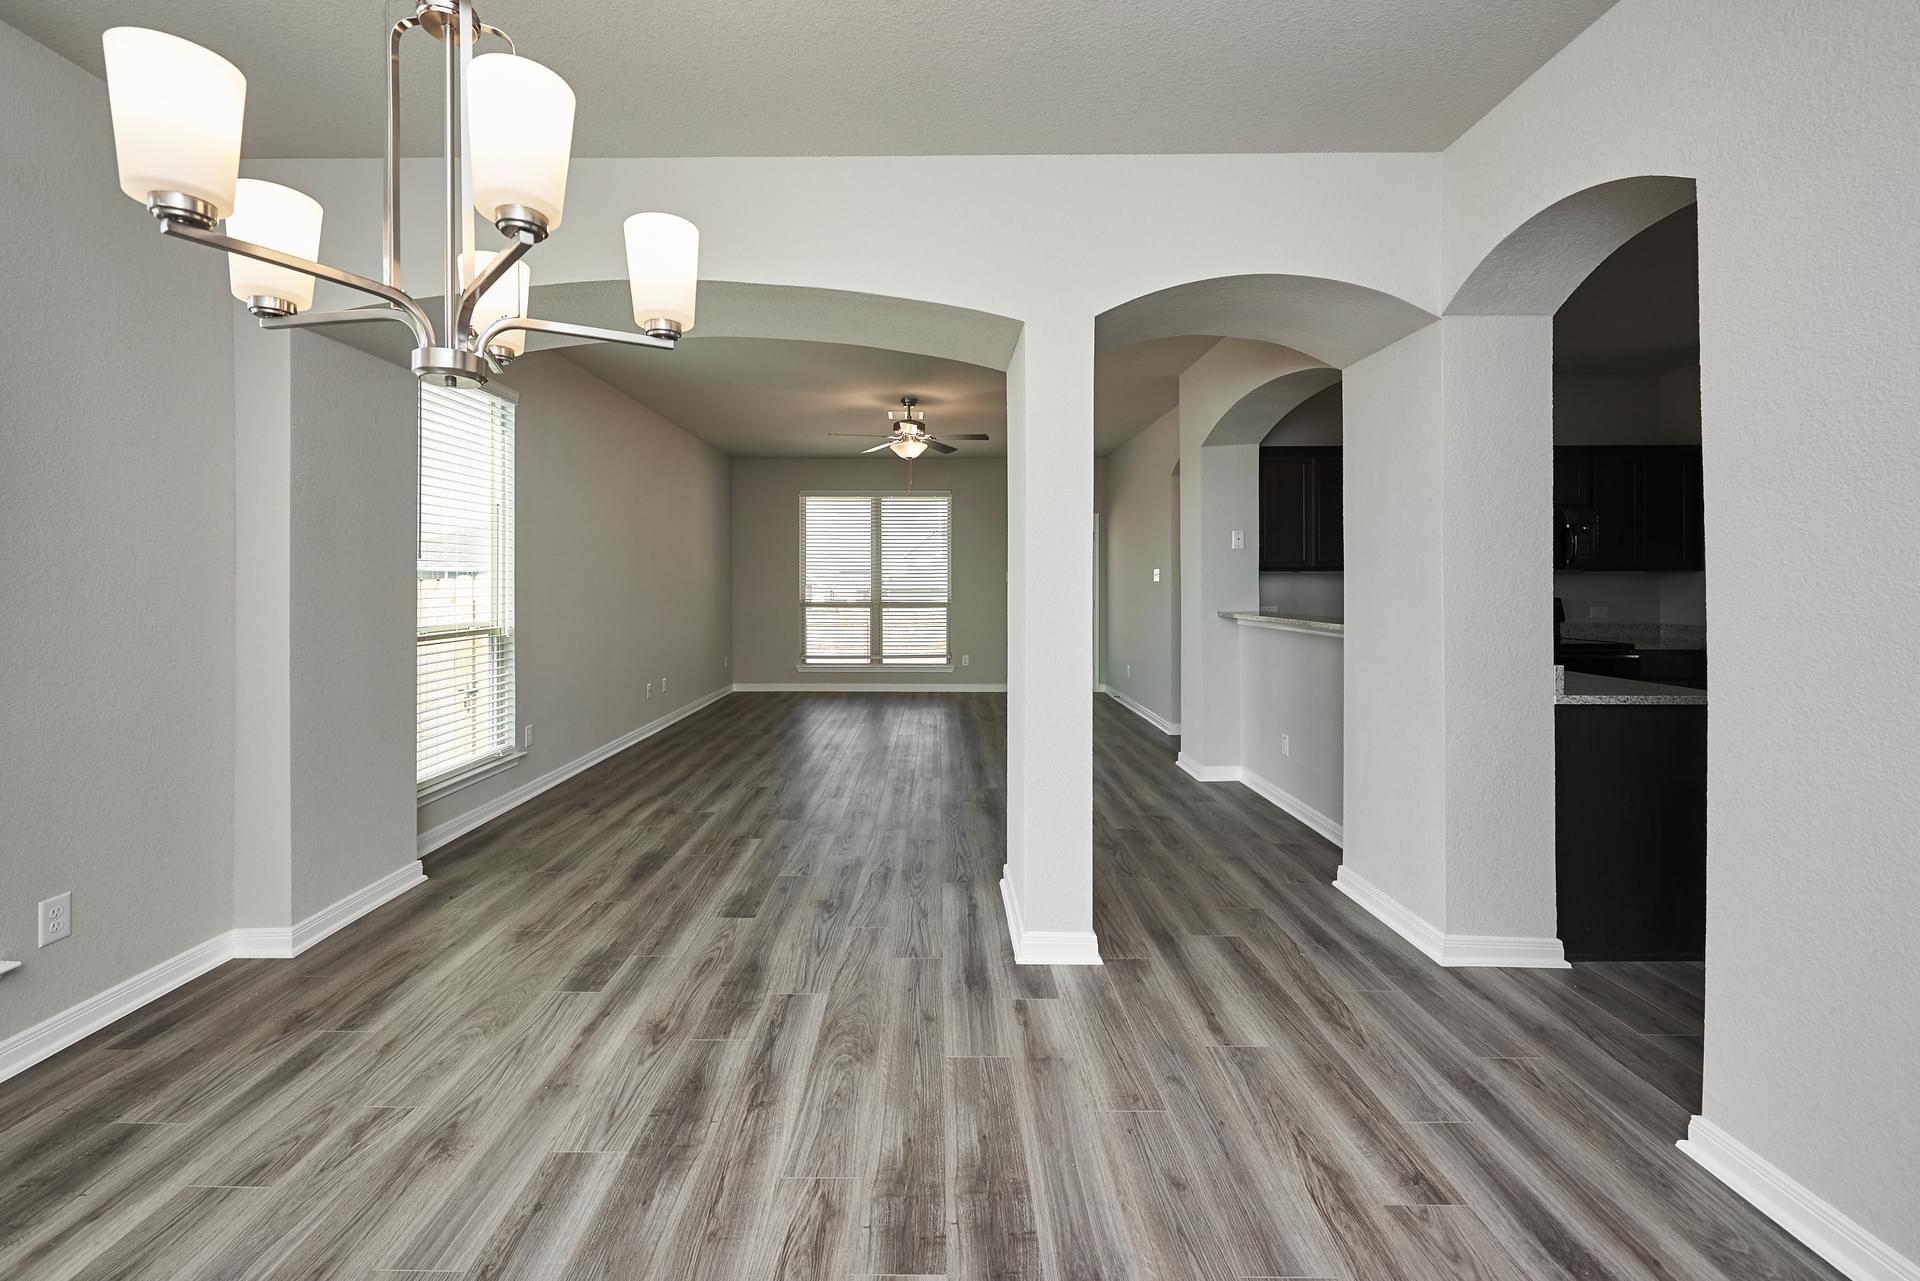 2,619sf New Home in Waco, TX